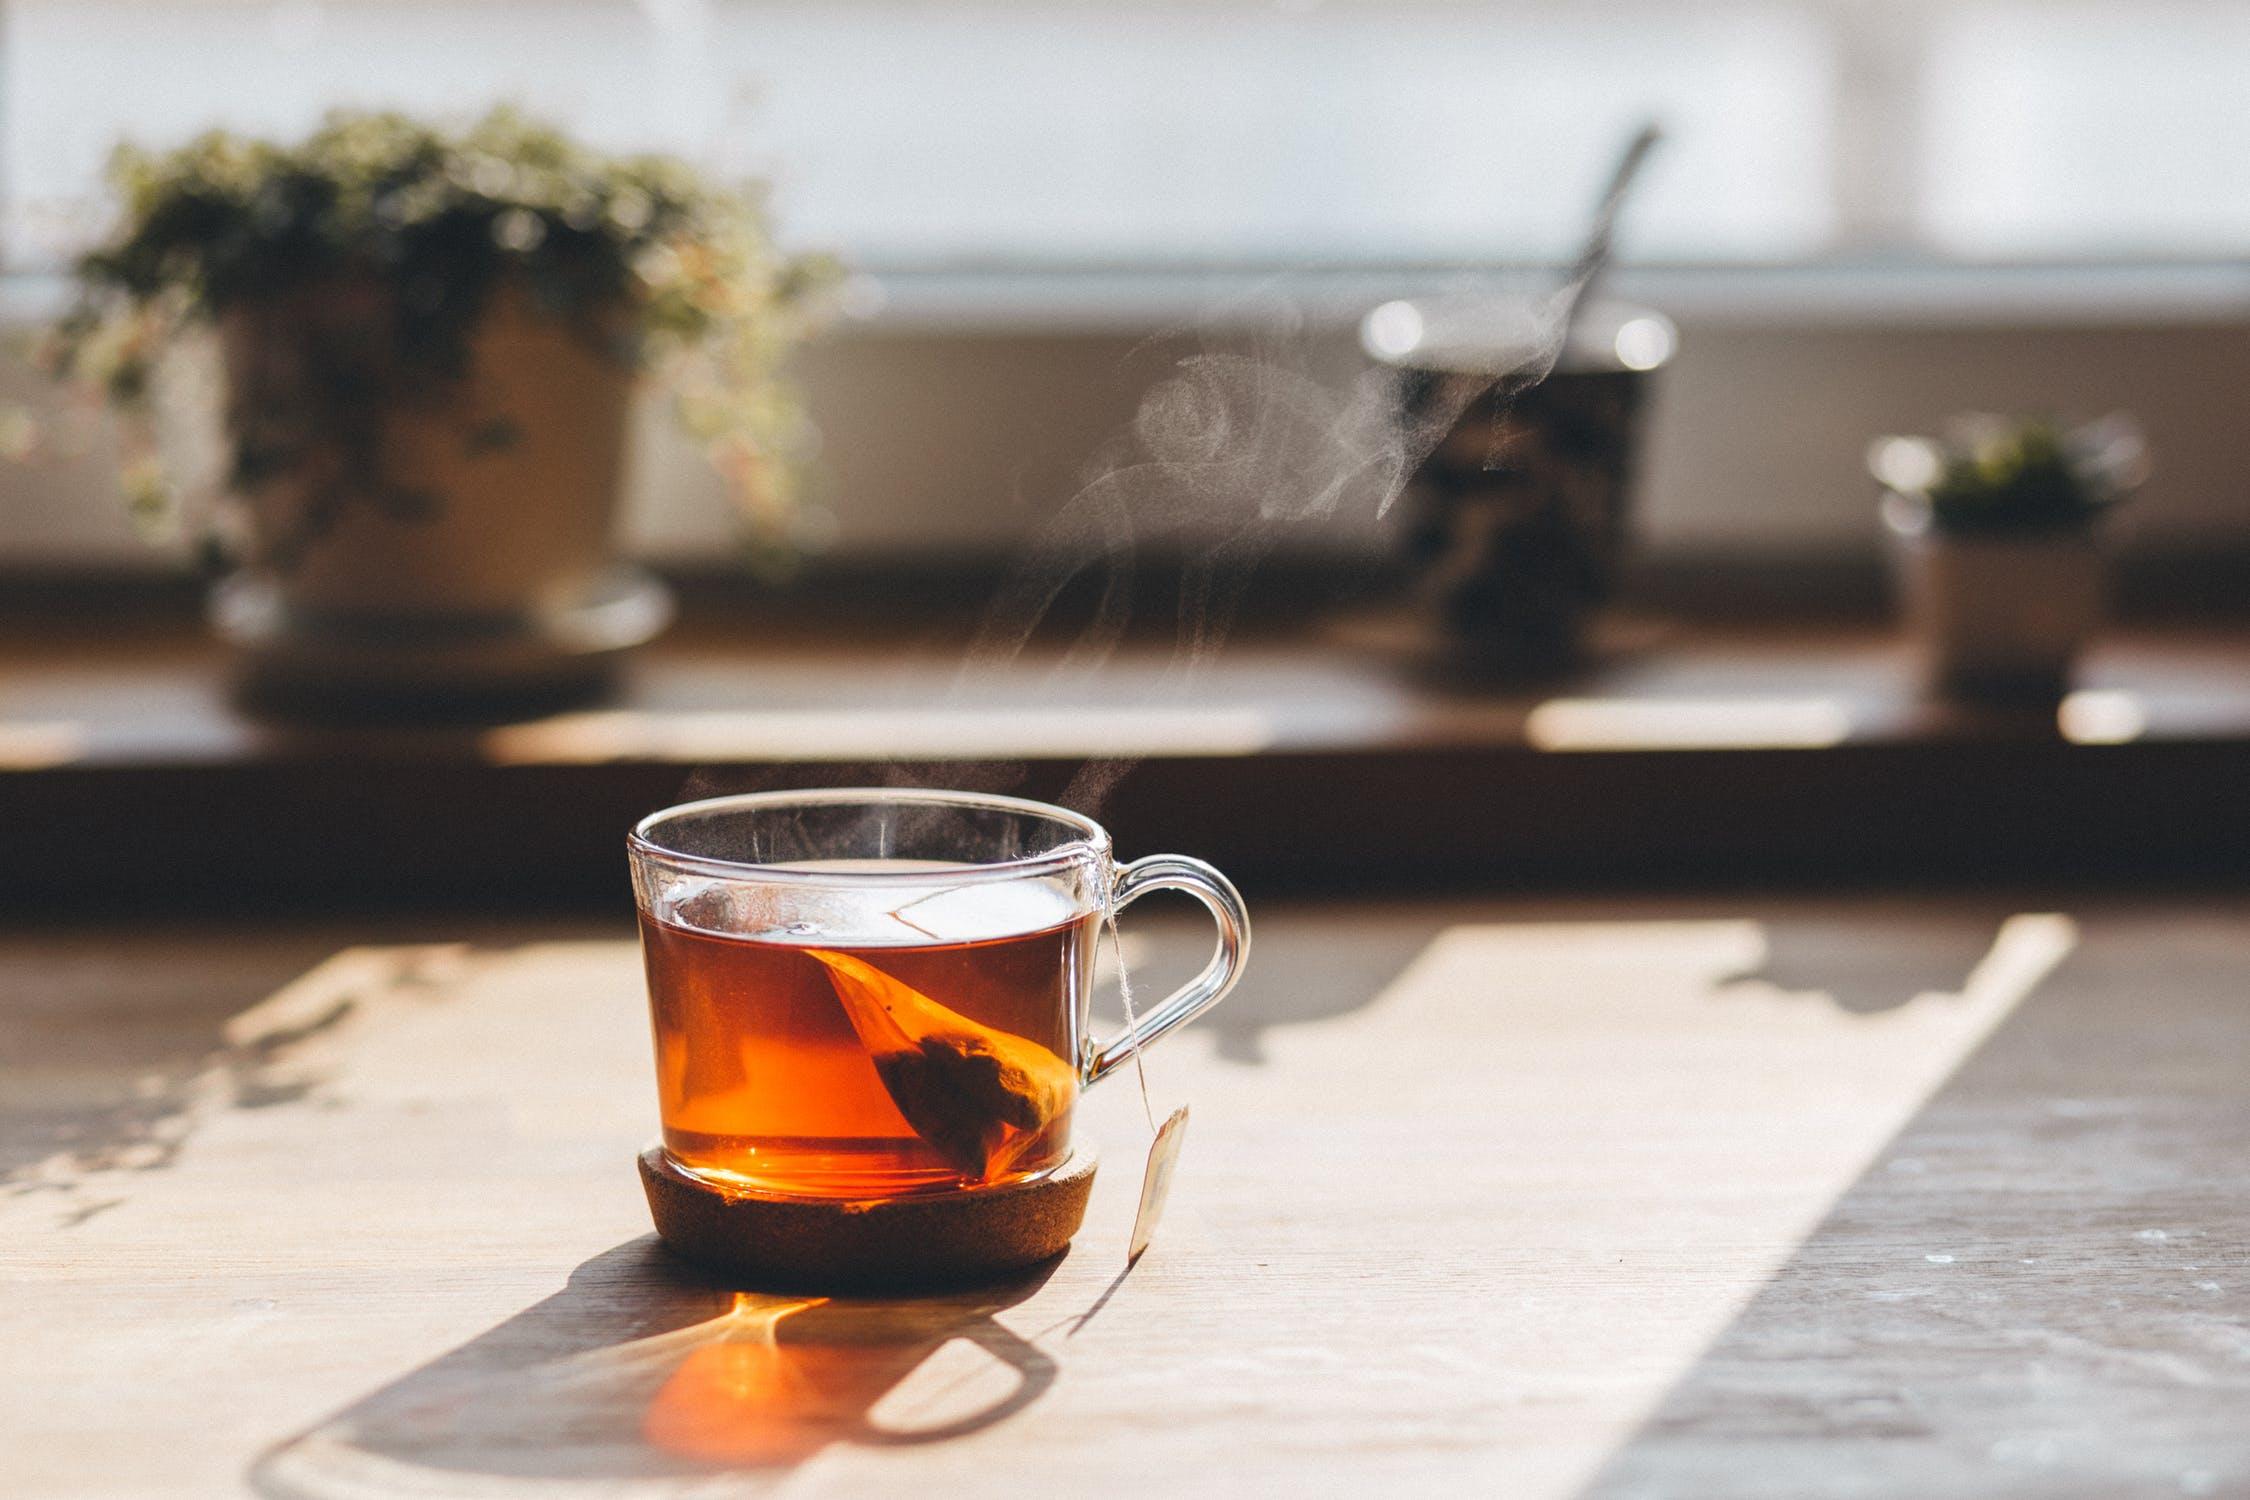 透明のカップに入った、紅茶とティーバッグ